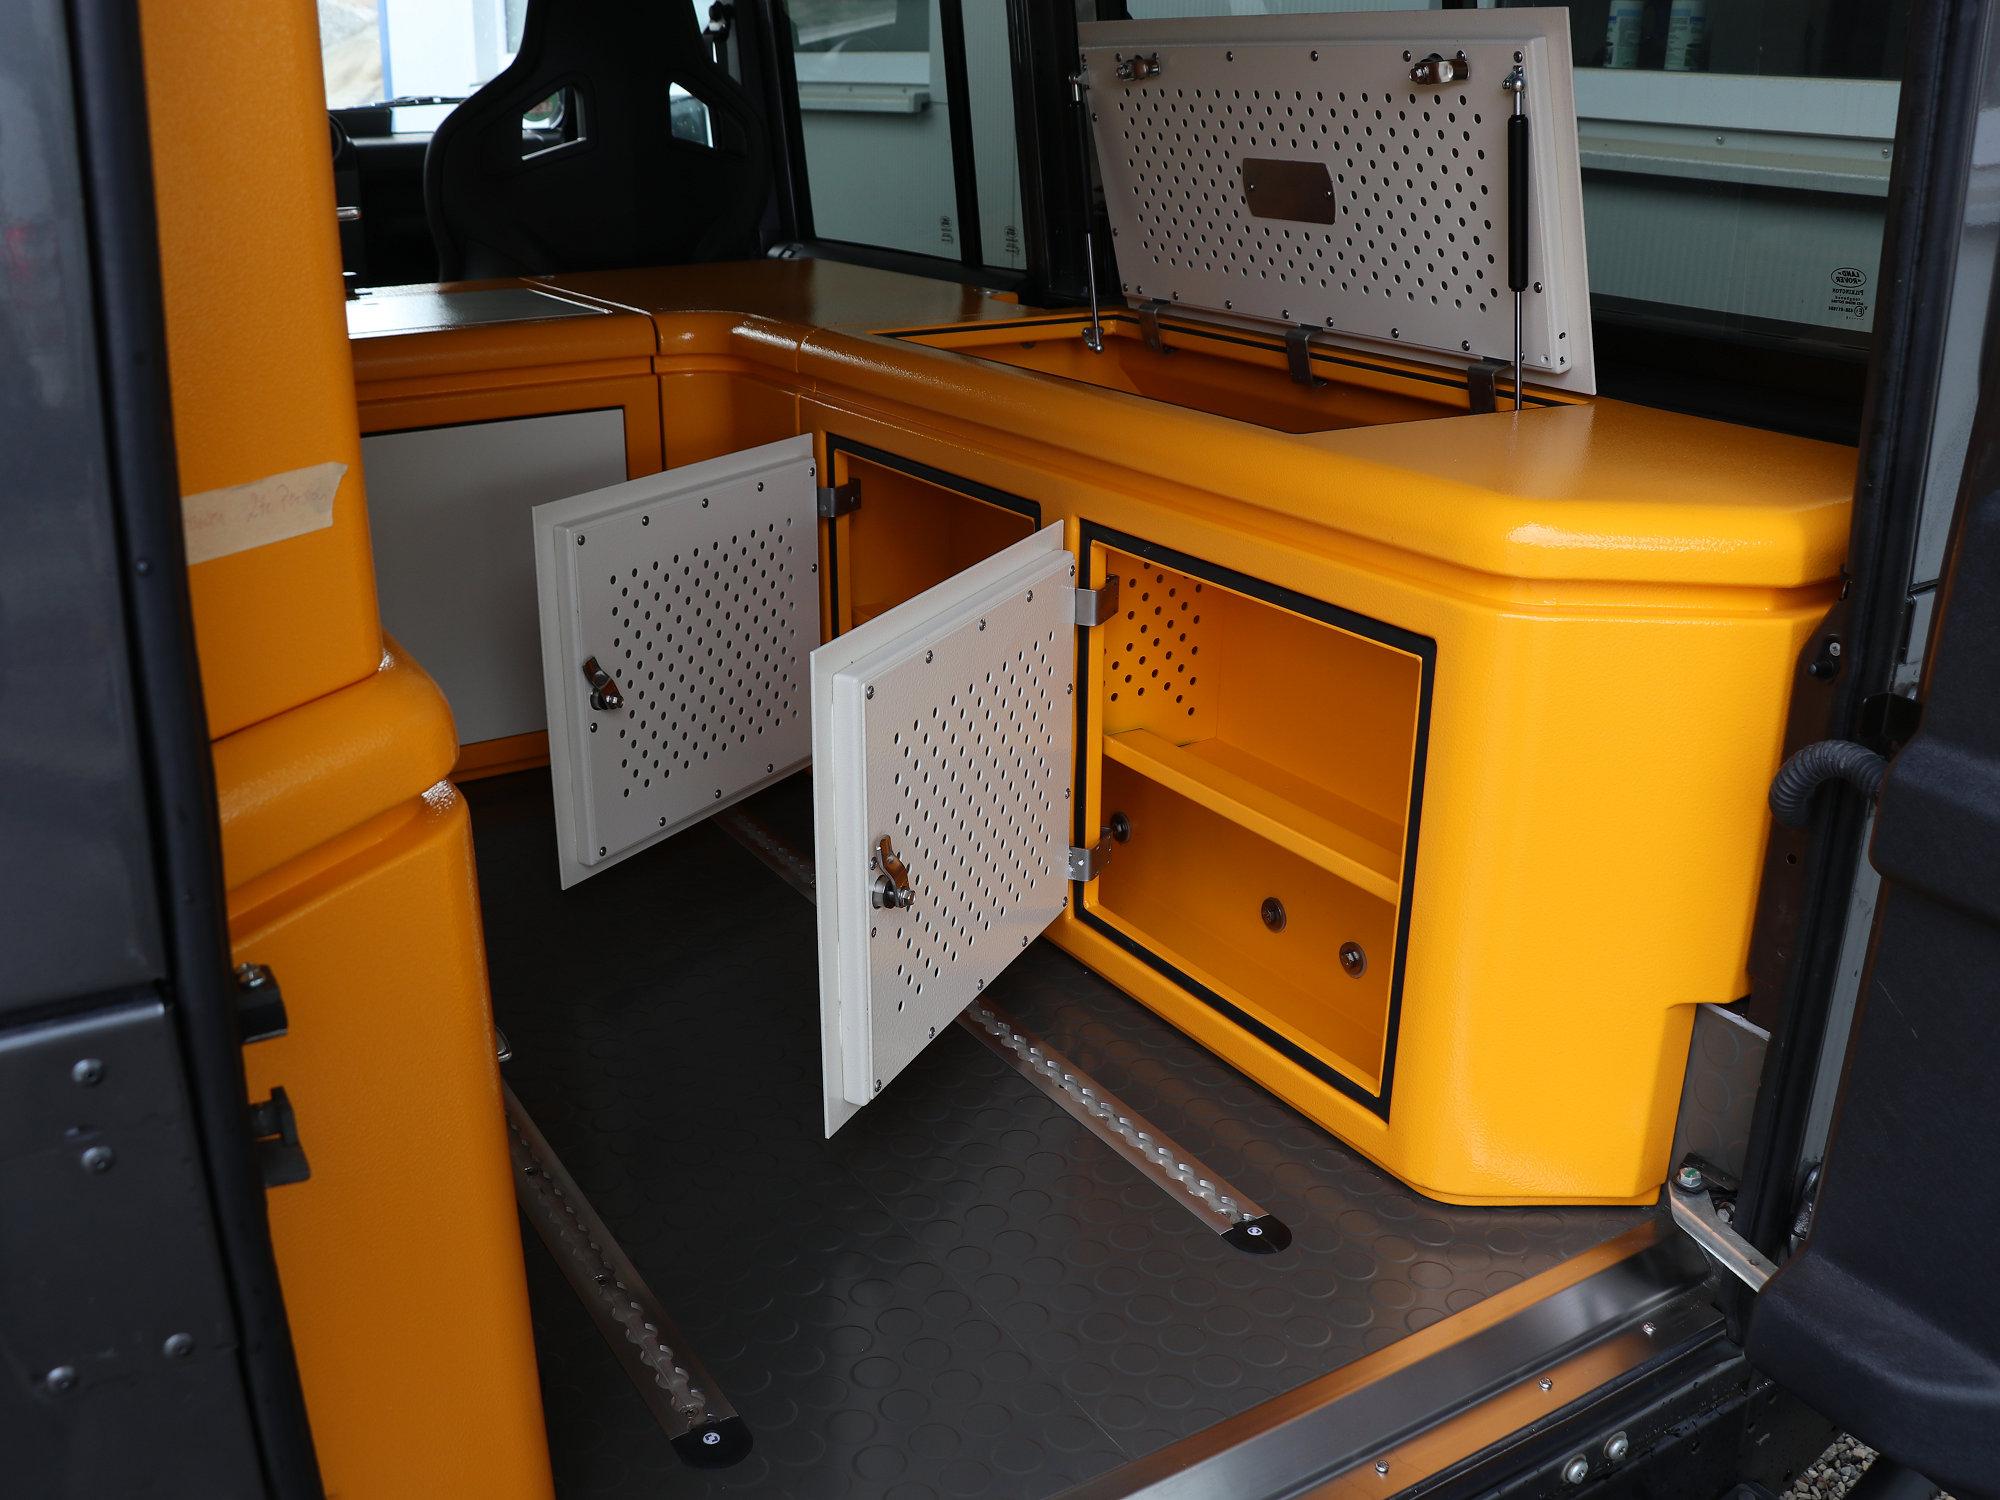 Sitzbox Beifahrer Land Rover Defender.006